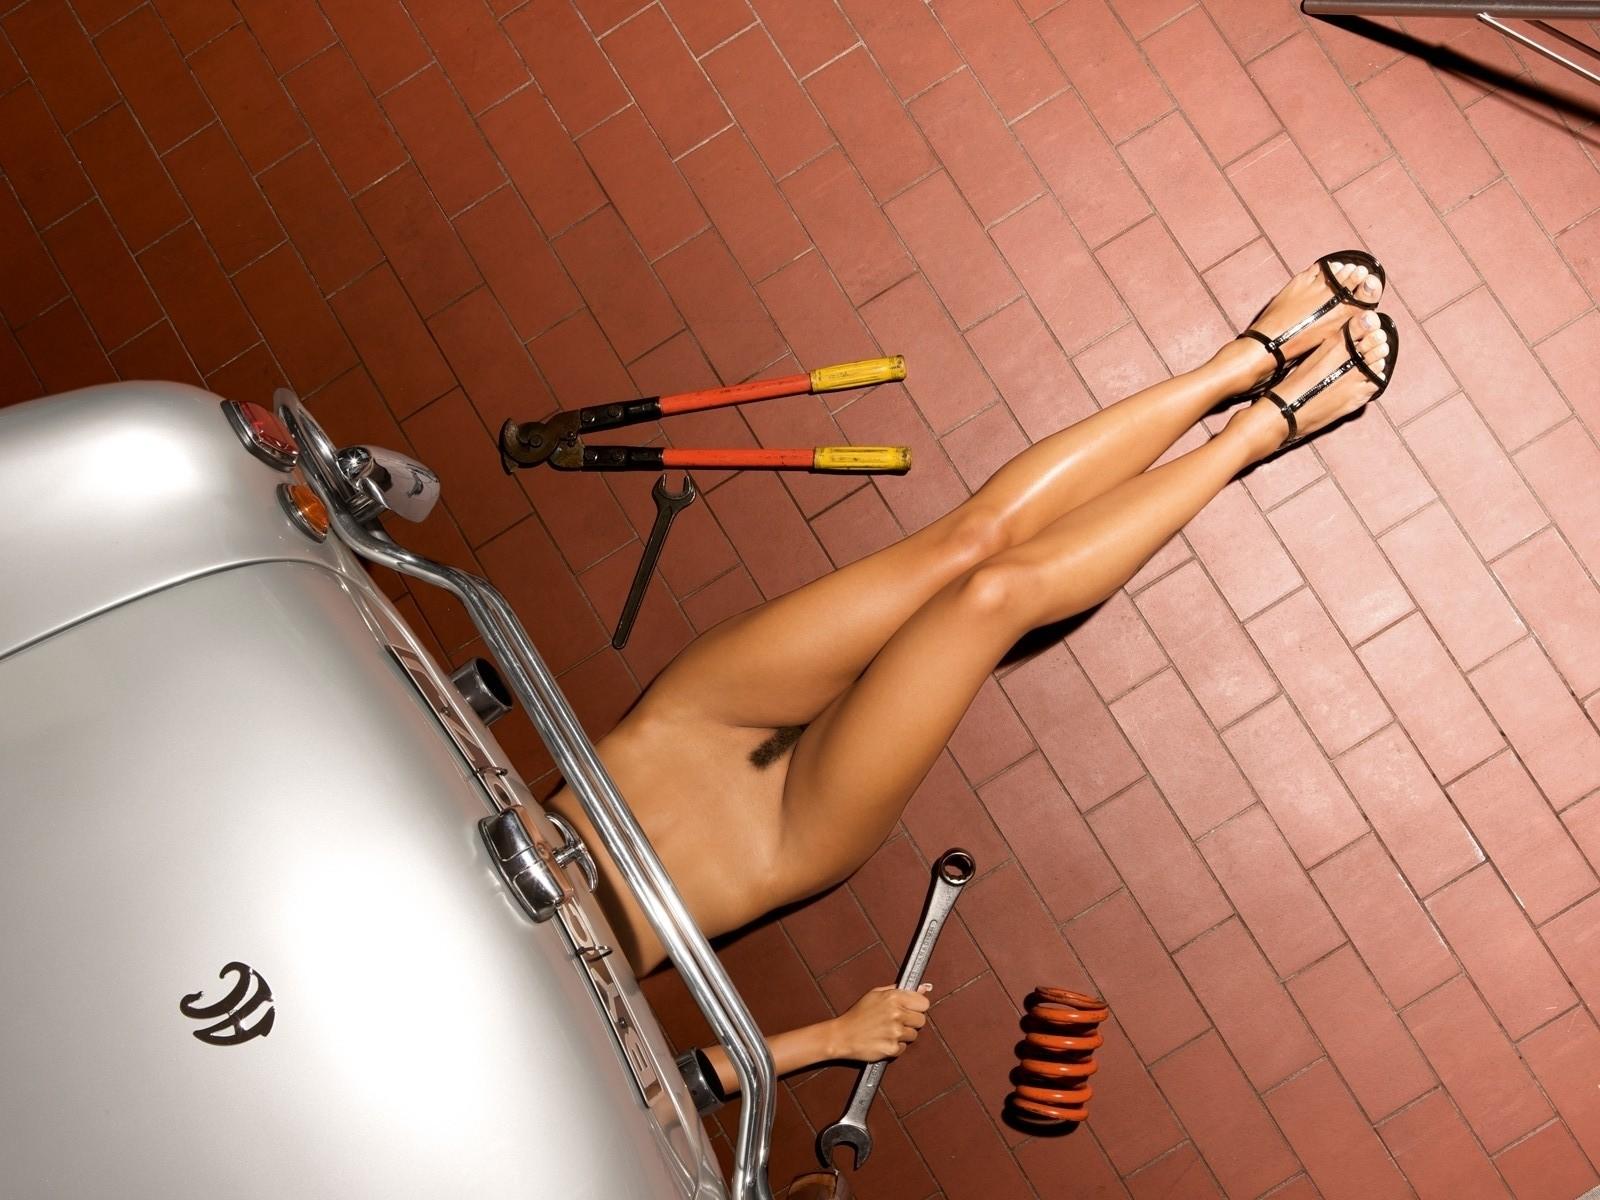 naked-mechanic-women